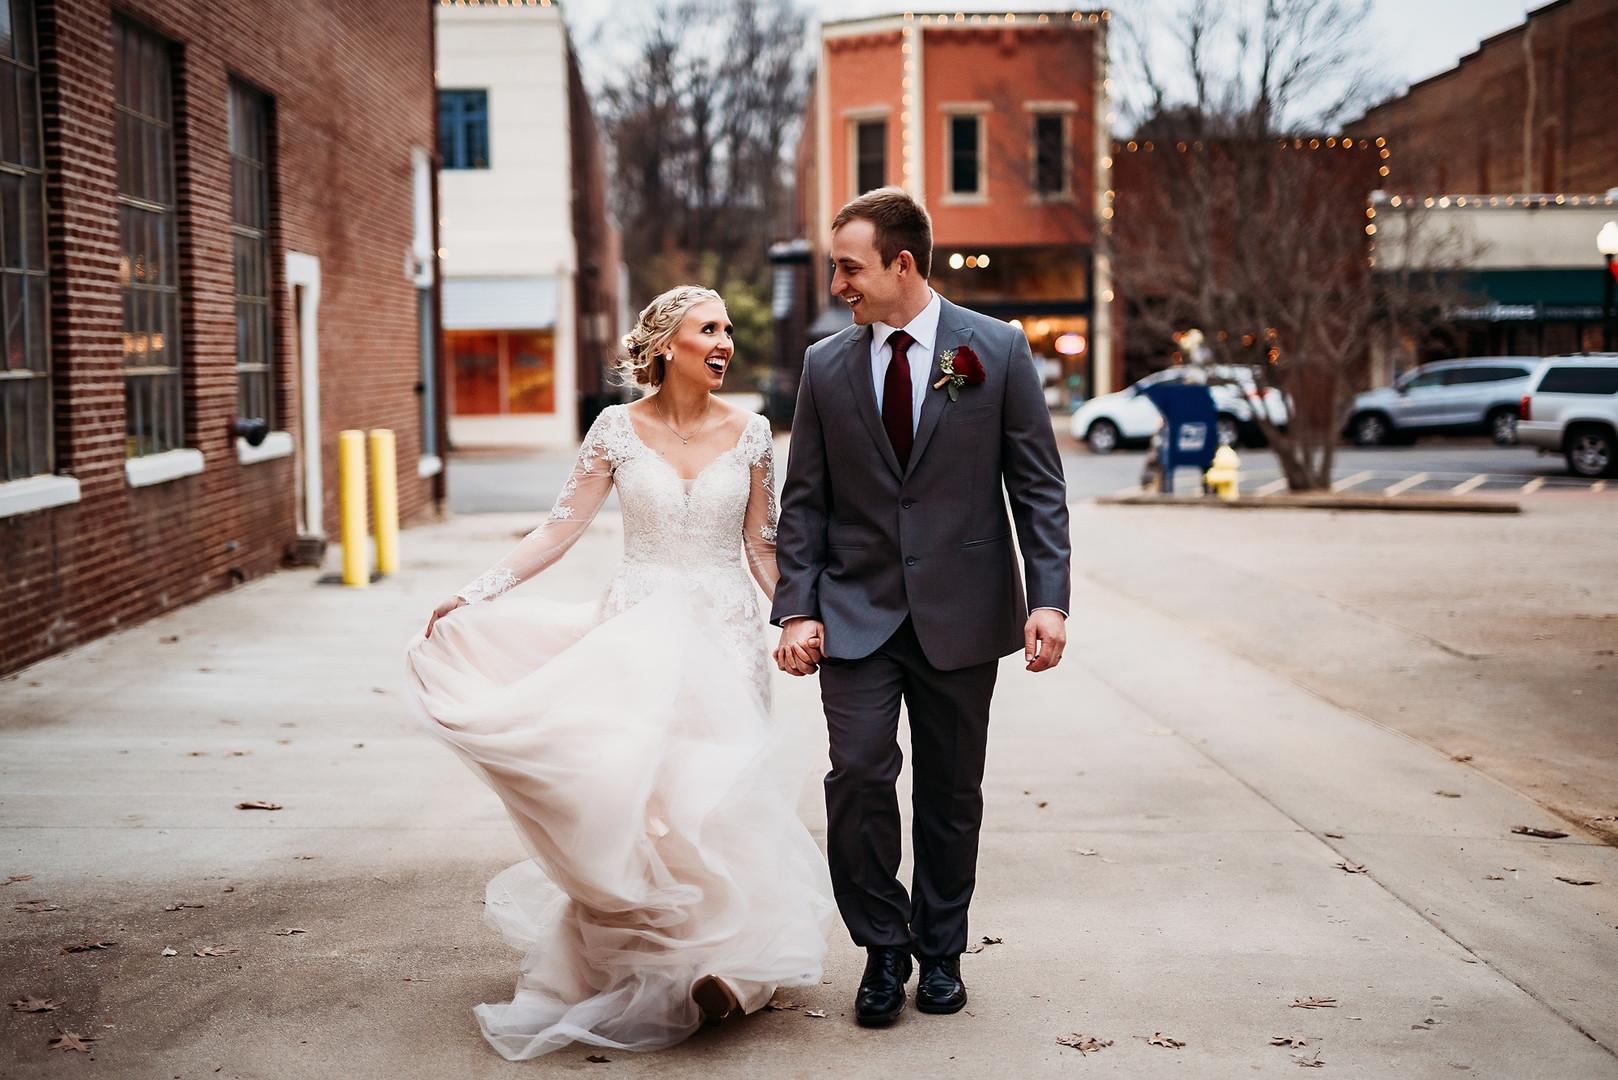 Courtney wedding